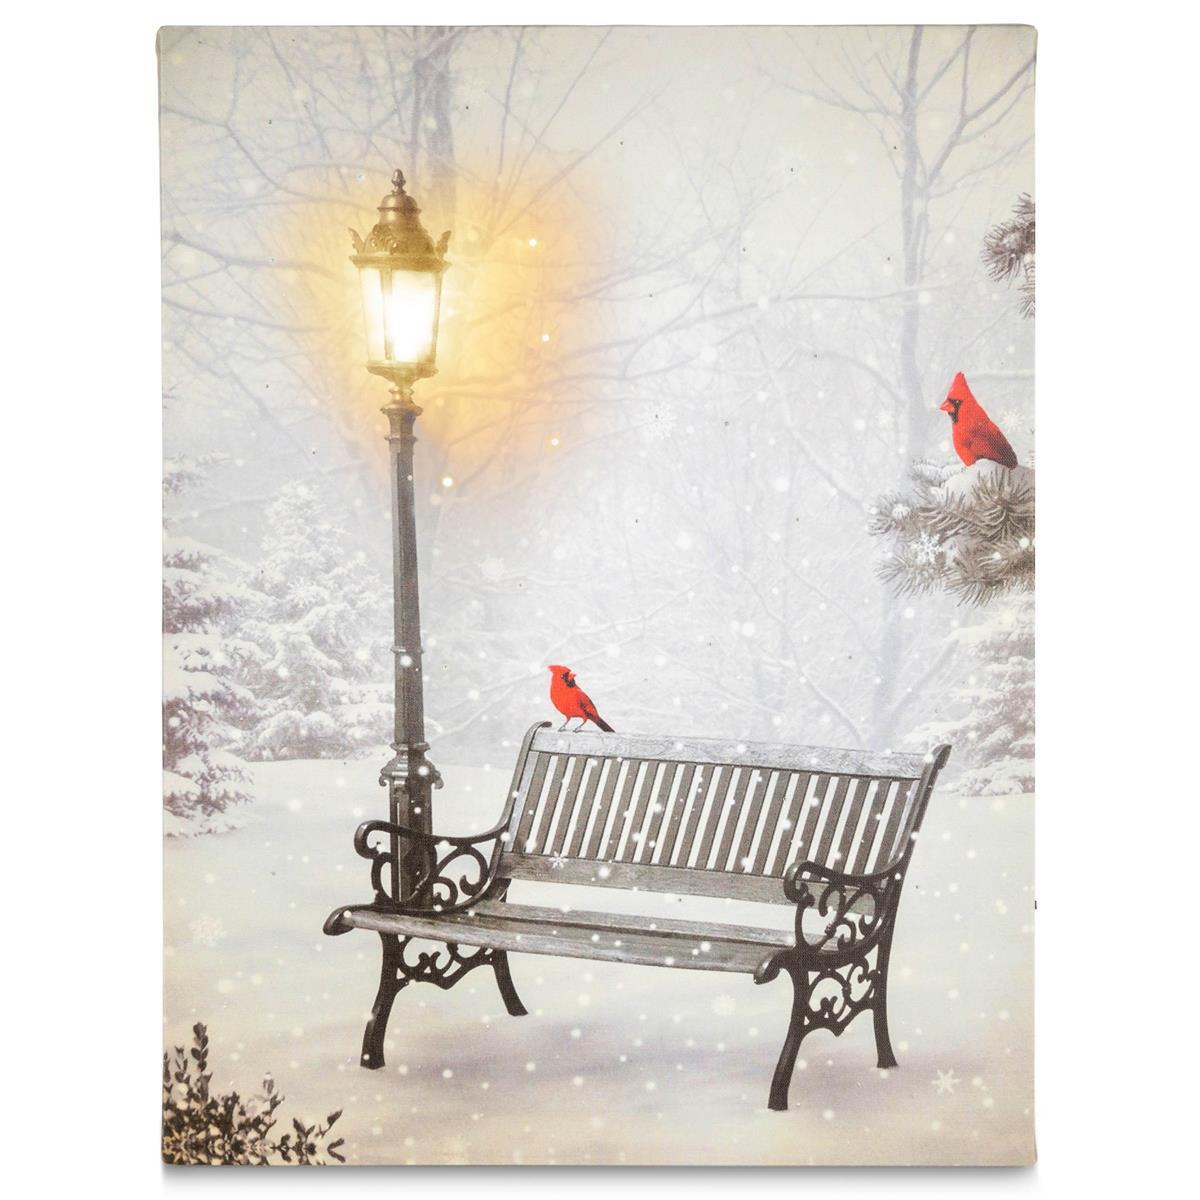 Wandbild LED Kunstdruck mit Beleuchtung Bank Winterlandschaft 30x40 cm Batterie